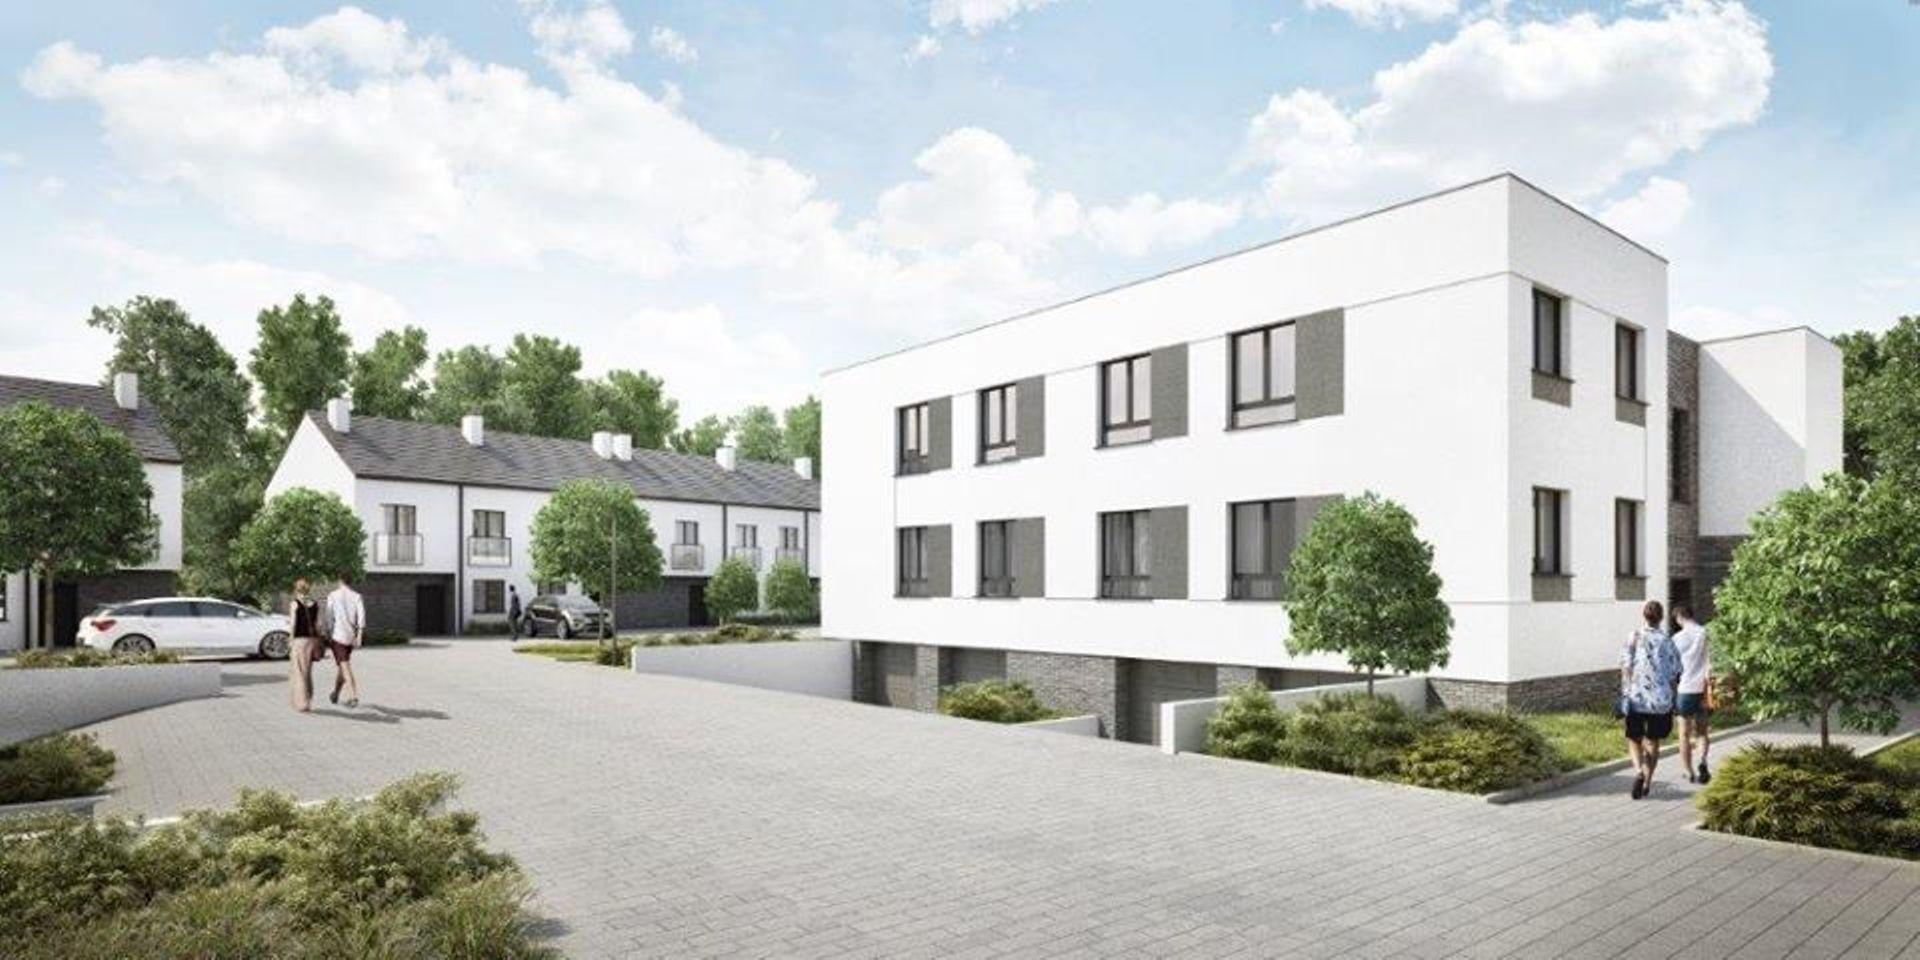 Wrocław: Alfa Wojszyce – Vastbouw startuje ze swoją drugą inwestycją na Wojszycach. Wybuduje ponad 50 domów